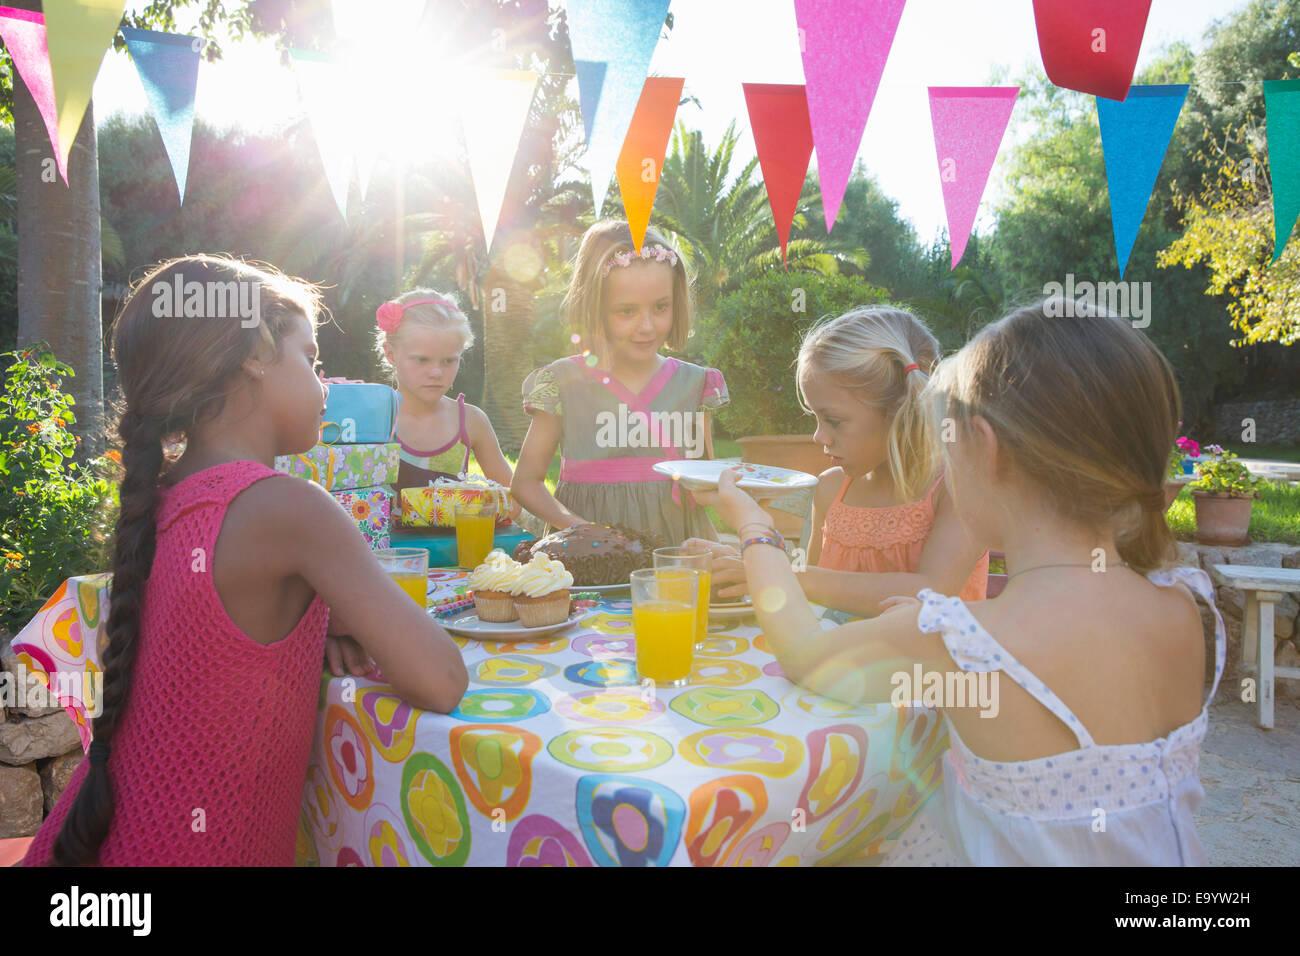 Chica sirviendo a los amigos tarta de cumpleaños Imagen De Stock